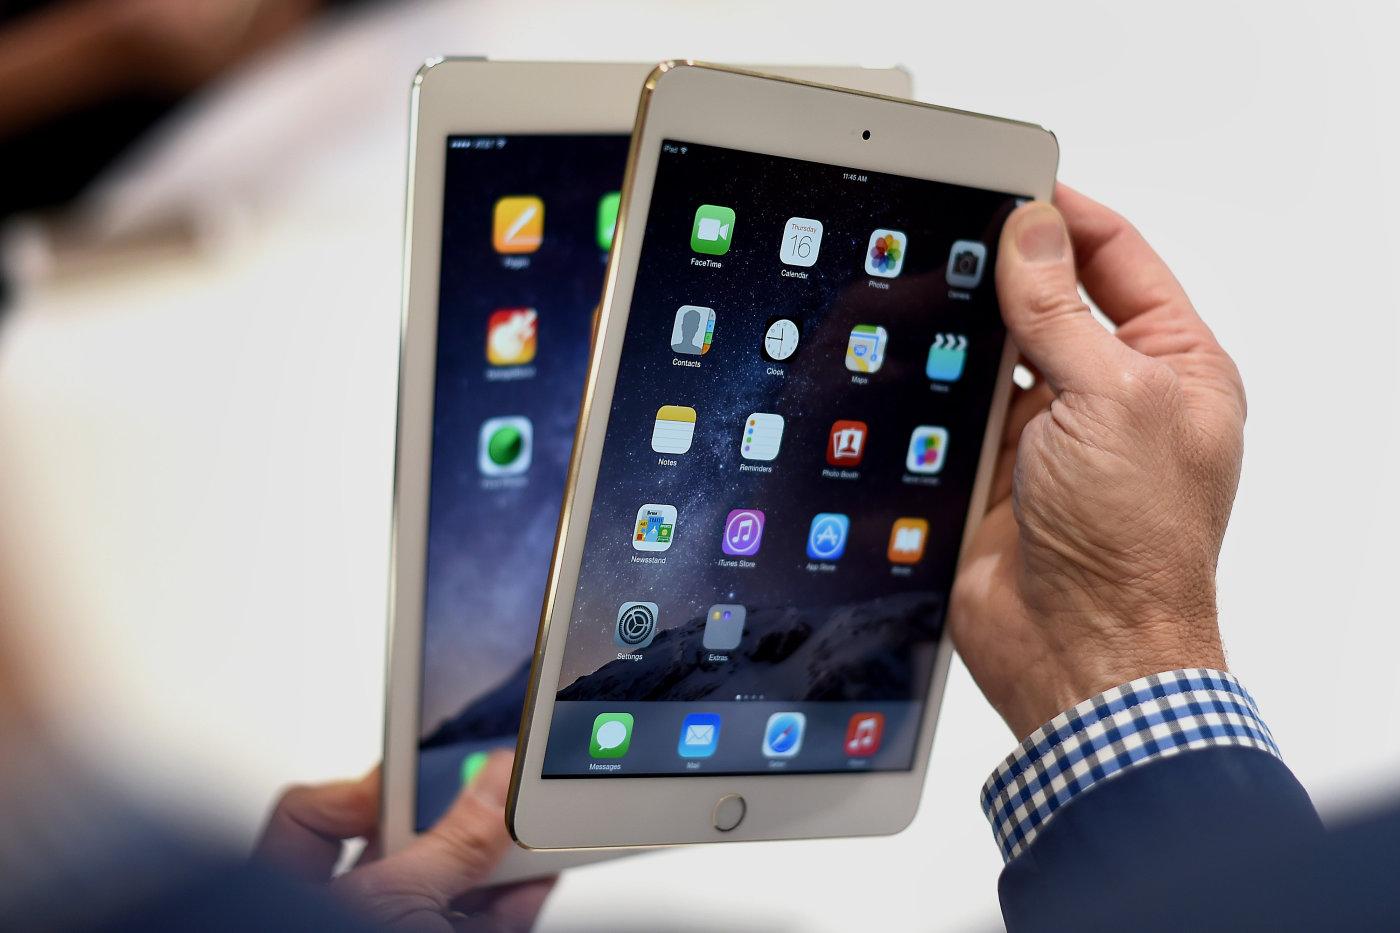 Apple will angeblich iPad Air 3 auf März-Event vorstellen